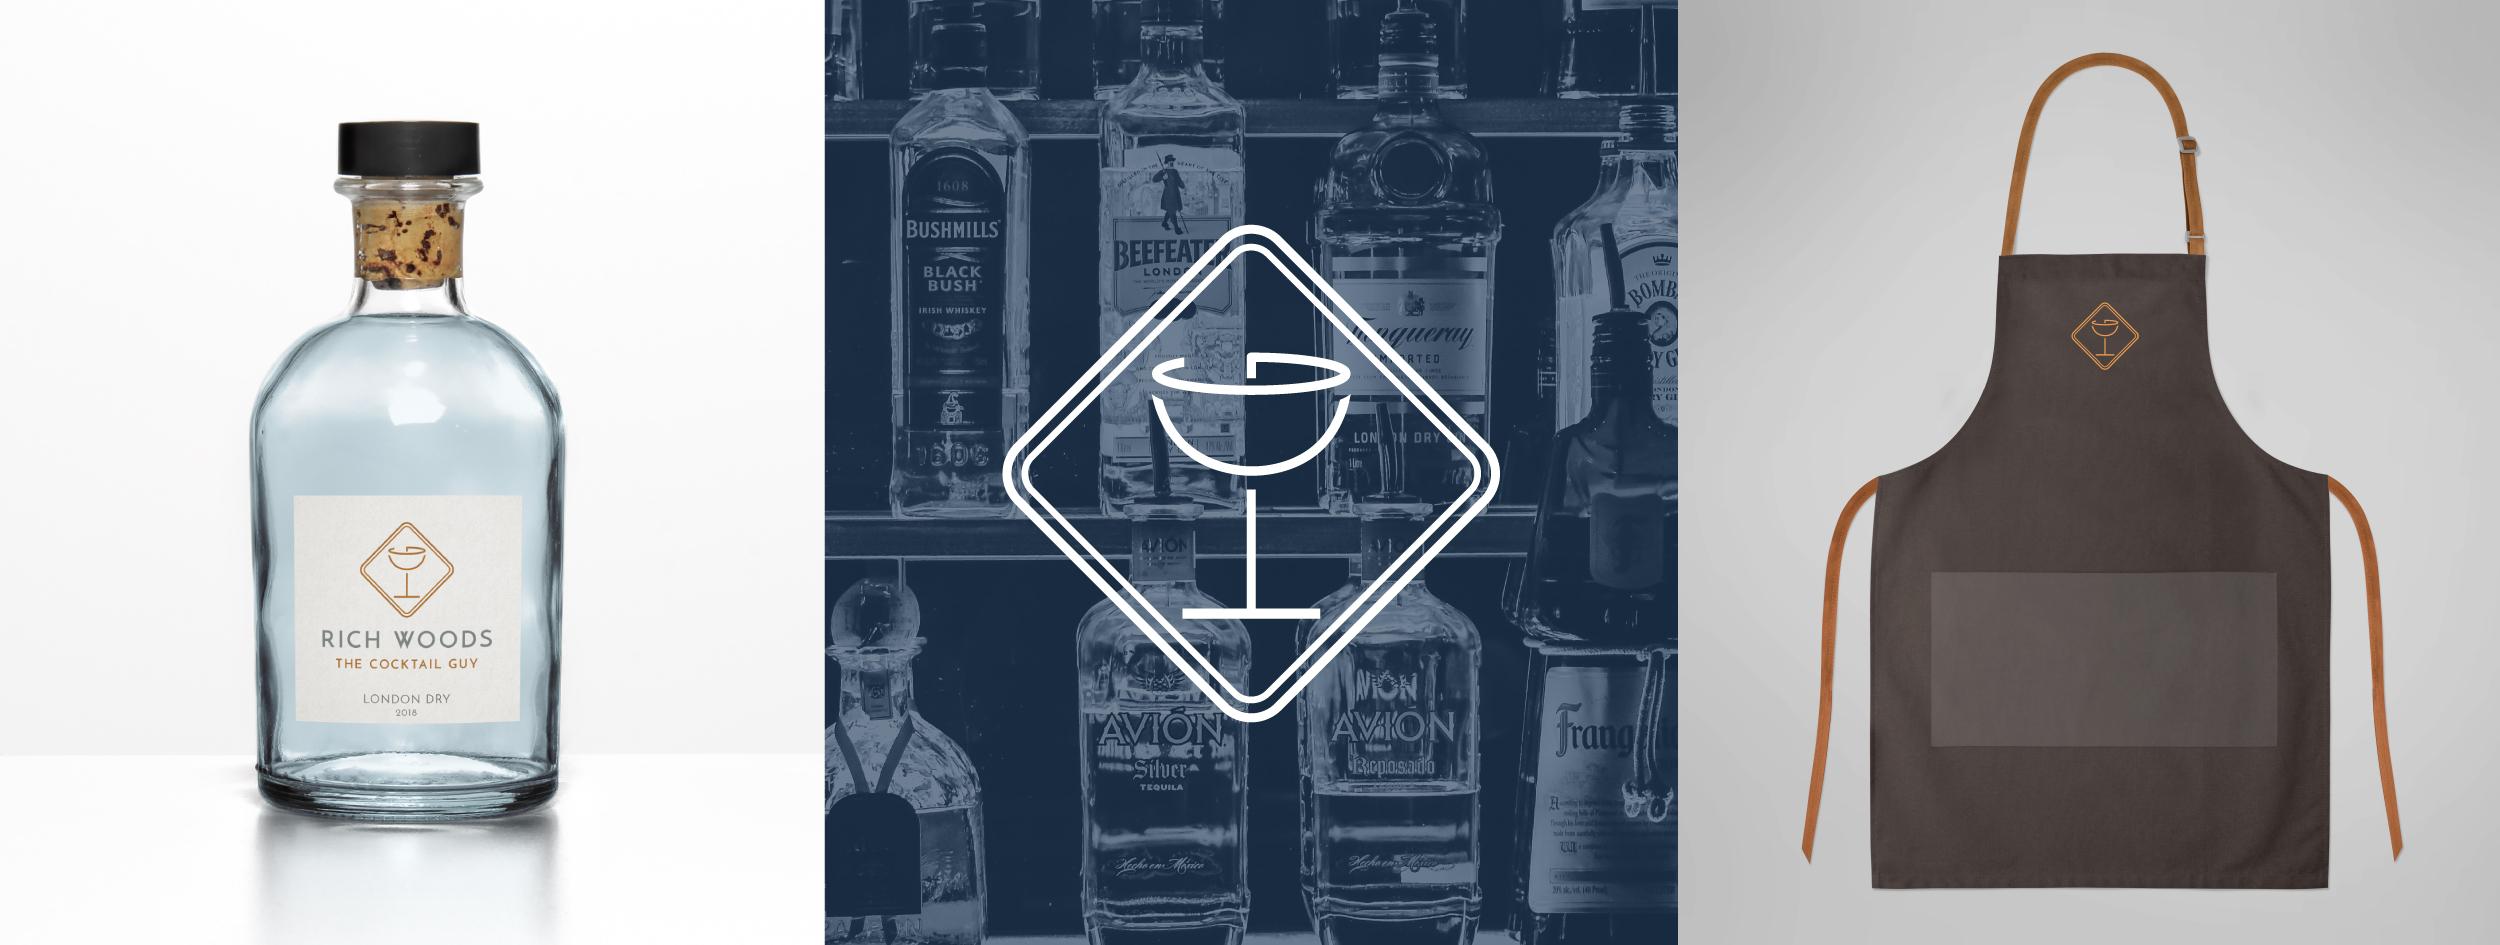 the-cocktail-guy-branding.jpg